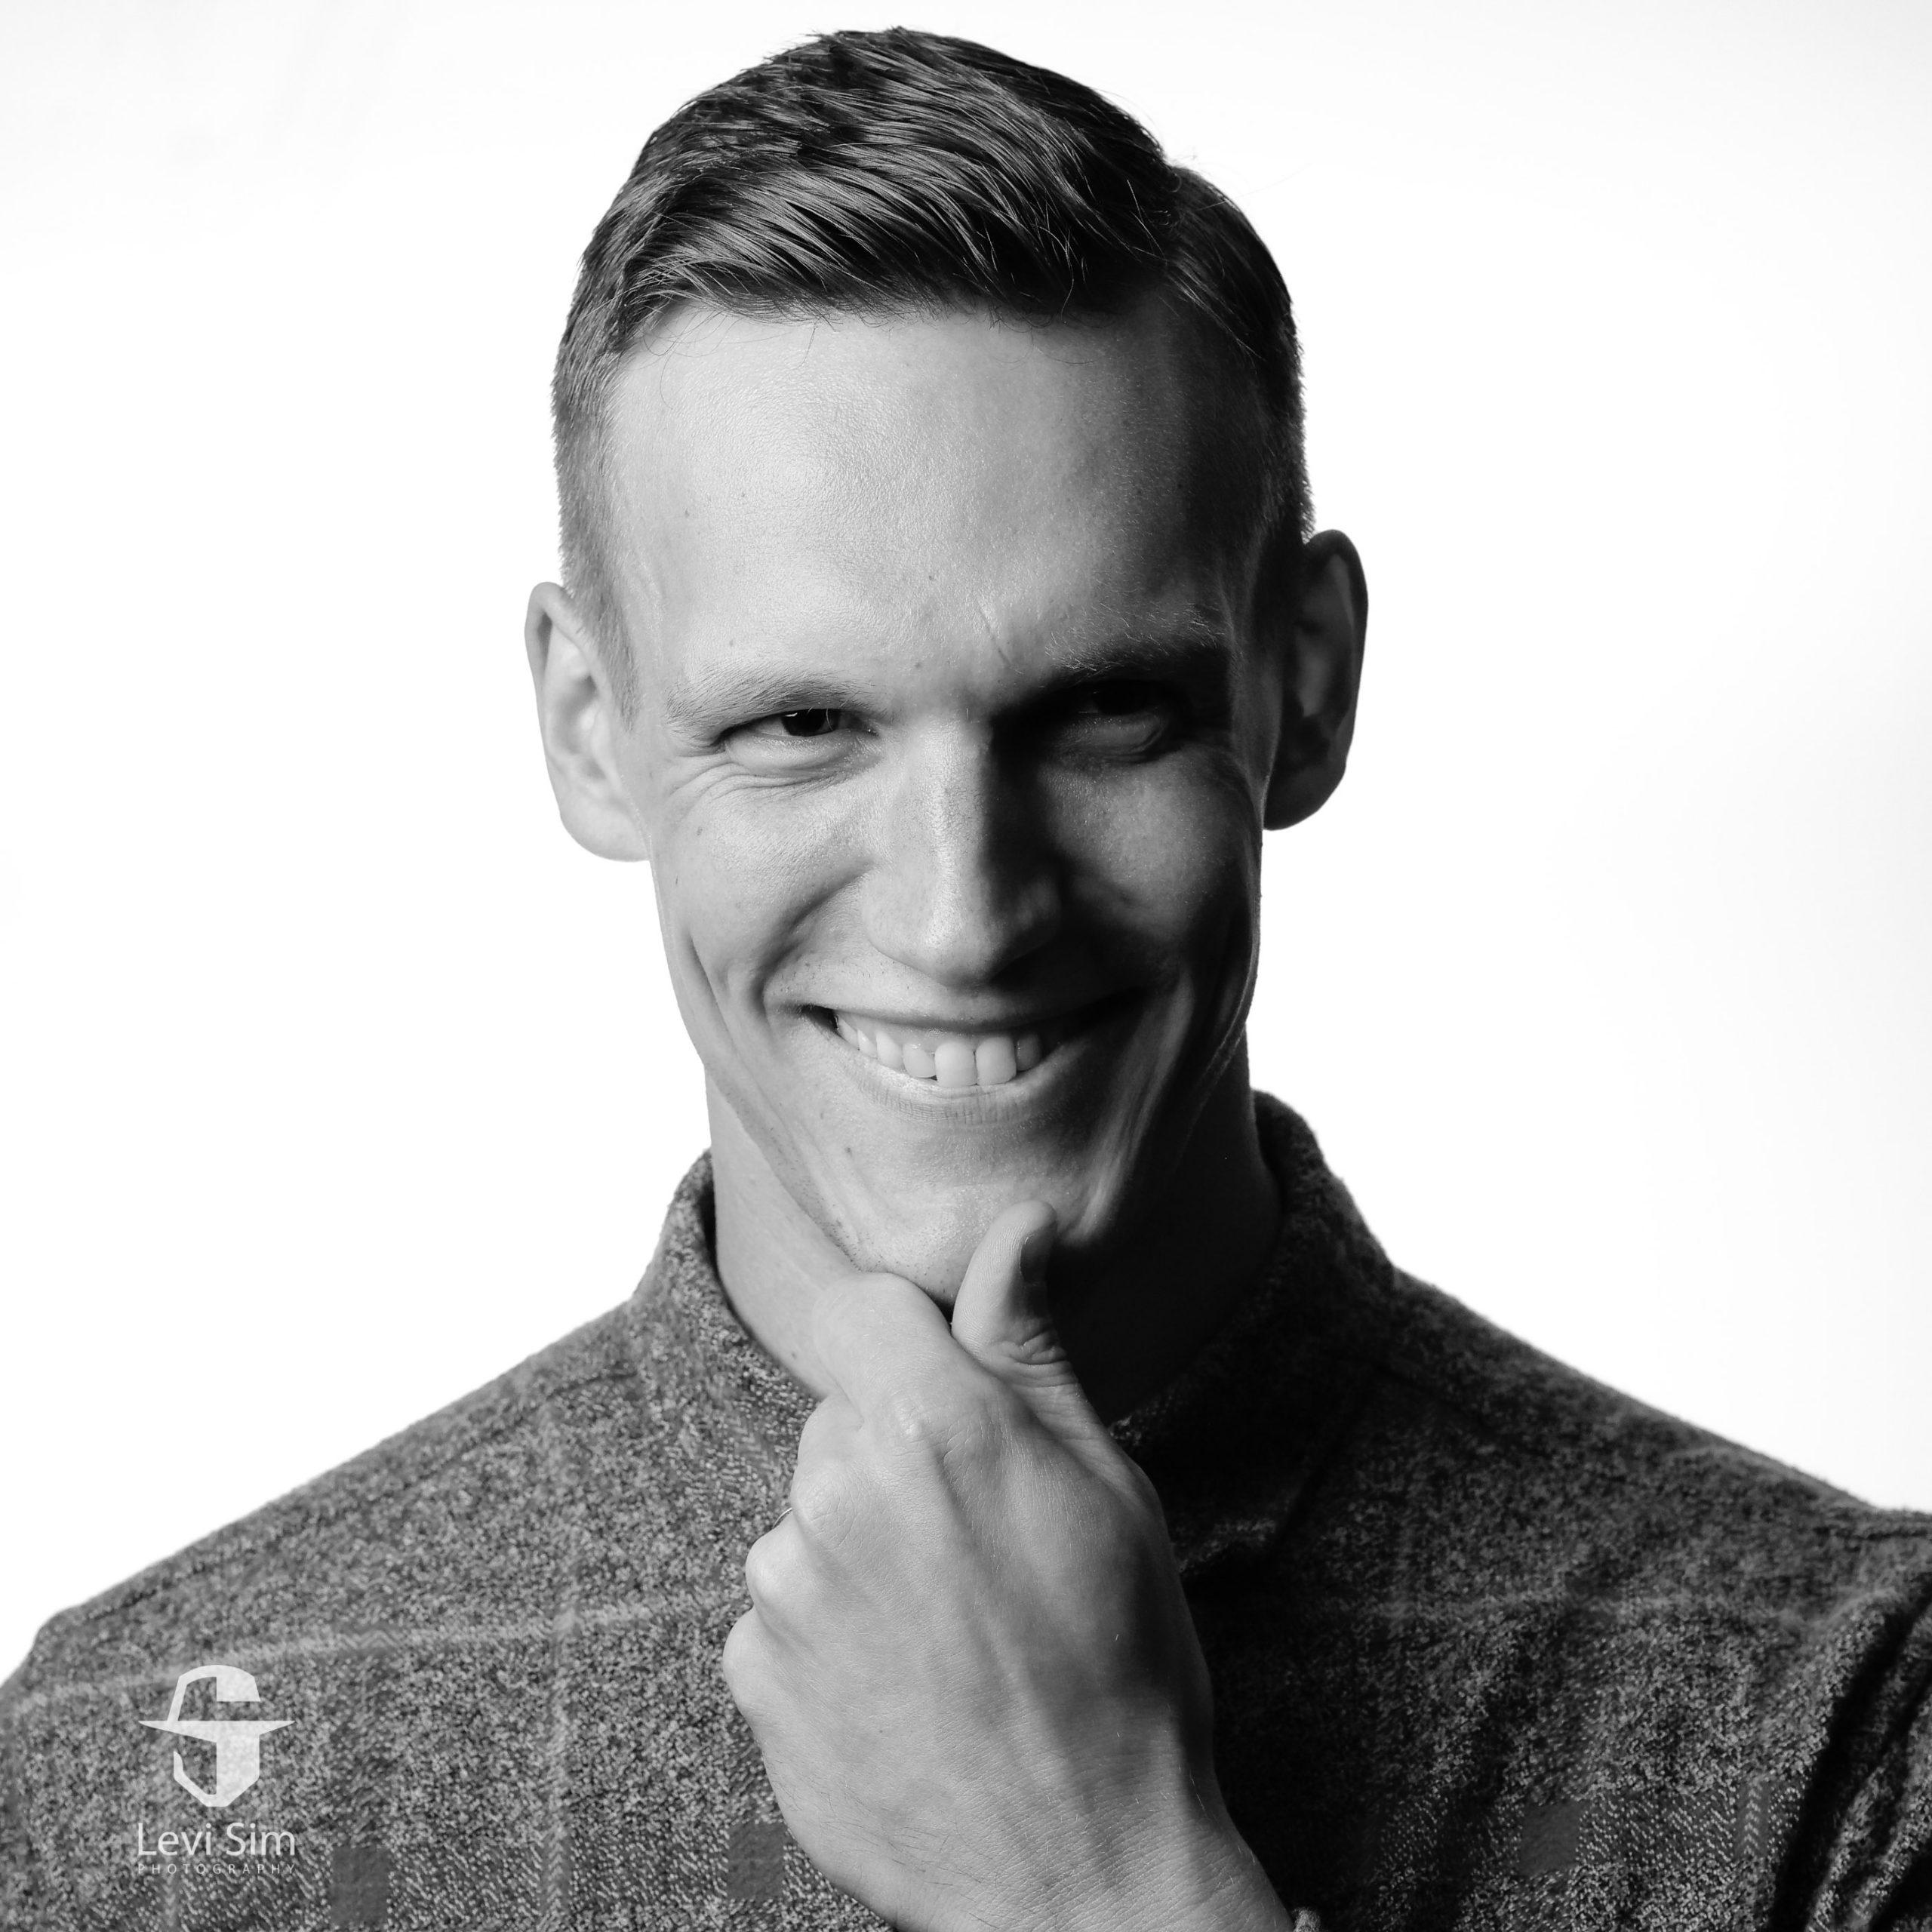 Levi Sim Steve Jobs Portrait Project Out Of Chicago 2017-58